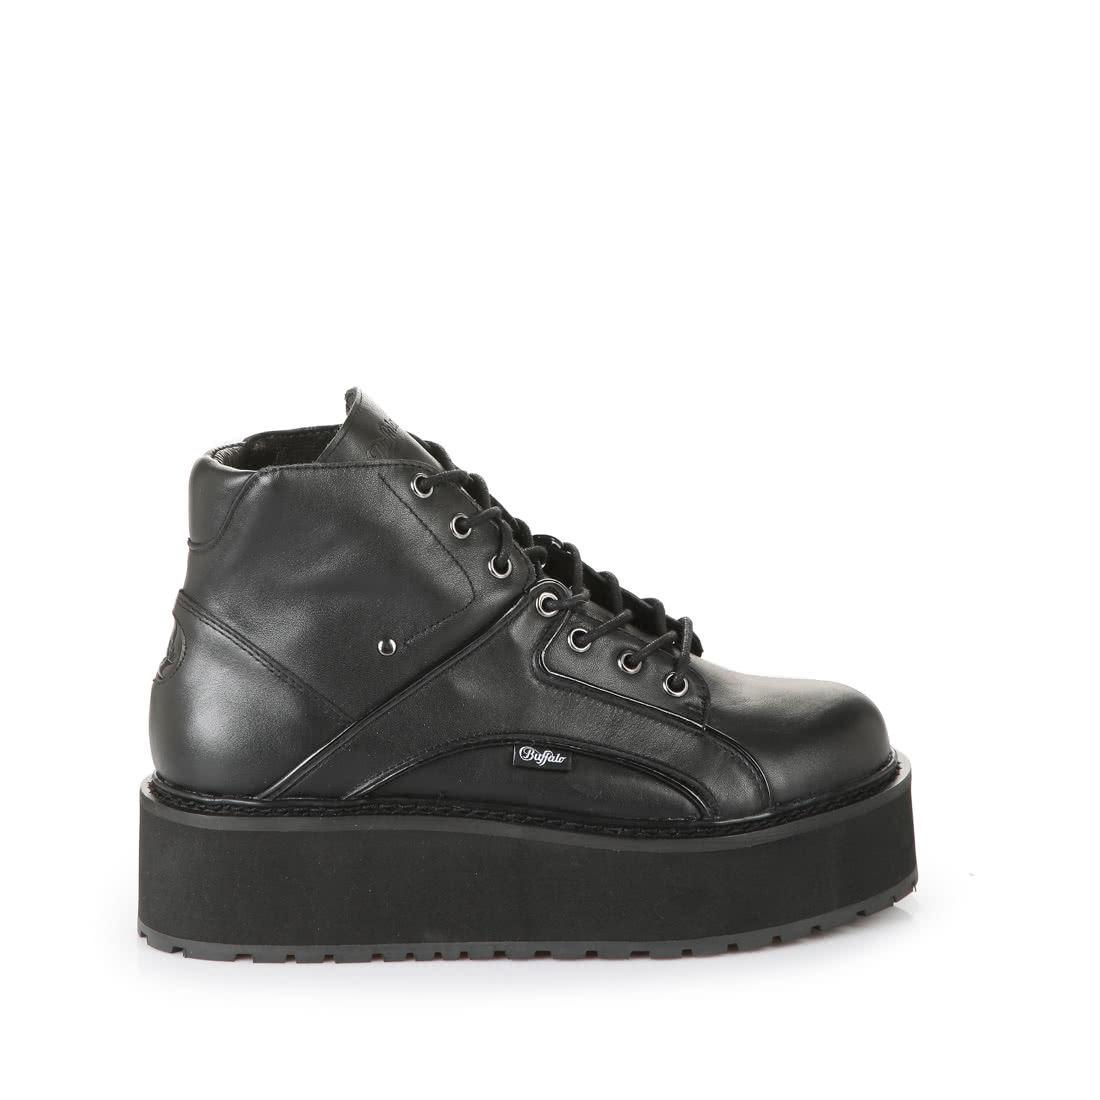 KaufenBuffalo® In Buffalo Sneaker Plateau Online Schwarz doWQBrCxe